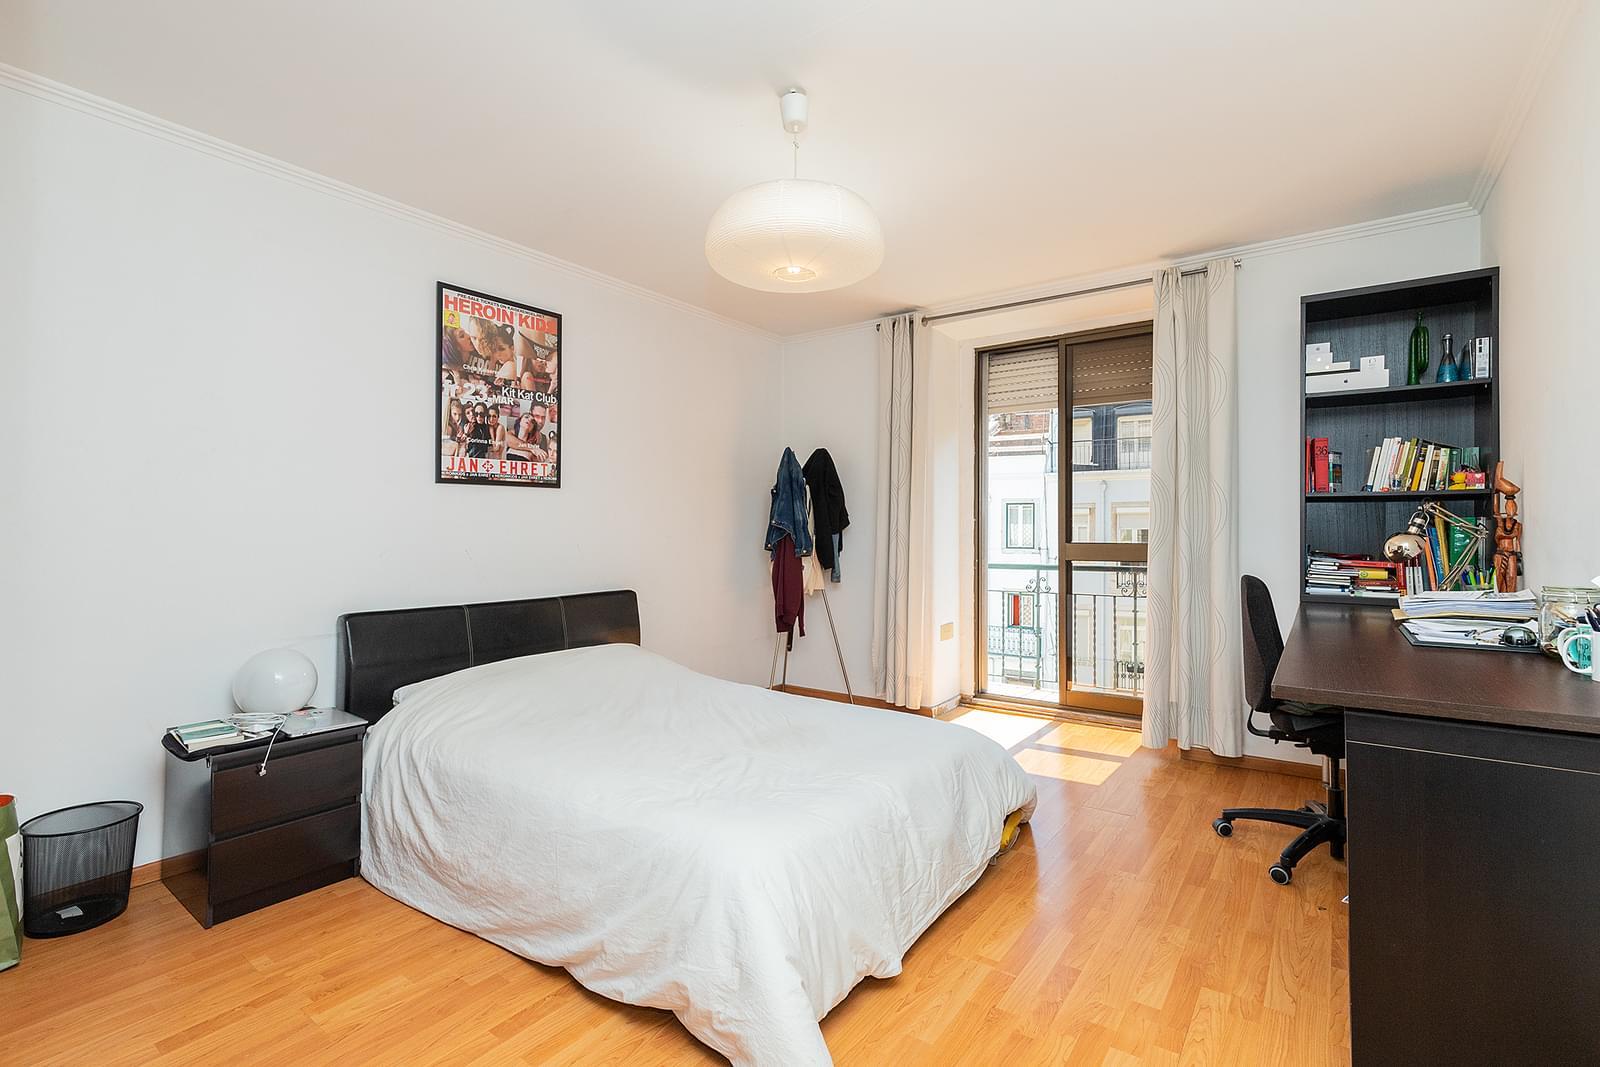 pf17978-apartamento-t3-lisboa-742e341d-39fe-42f5-bdad-5a616dc967fd